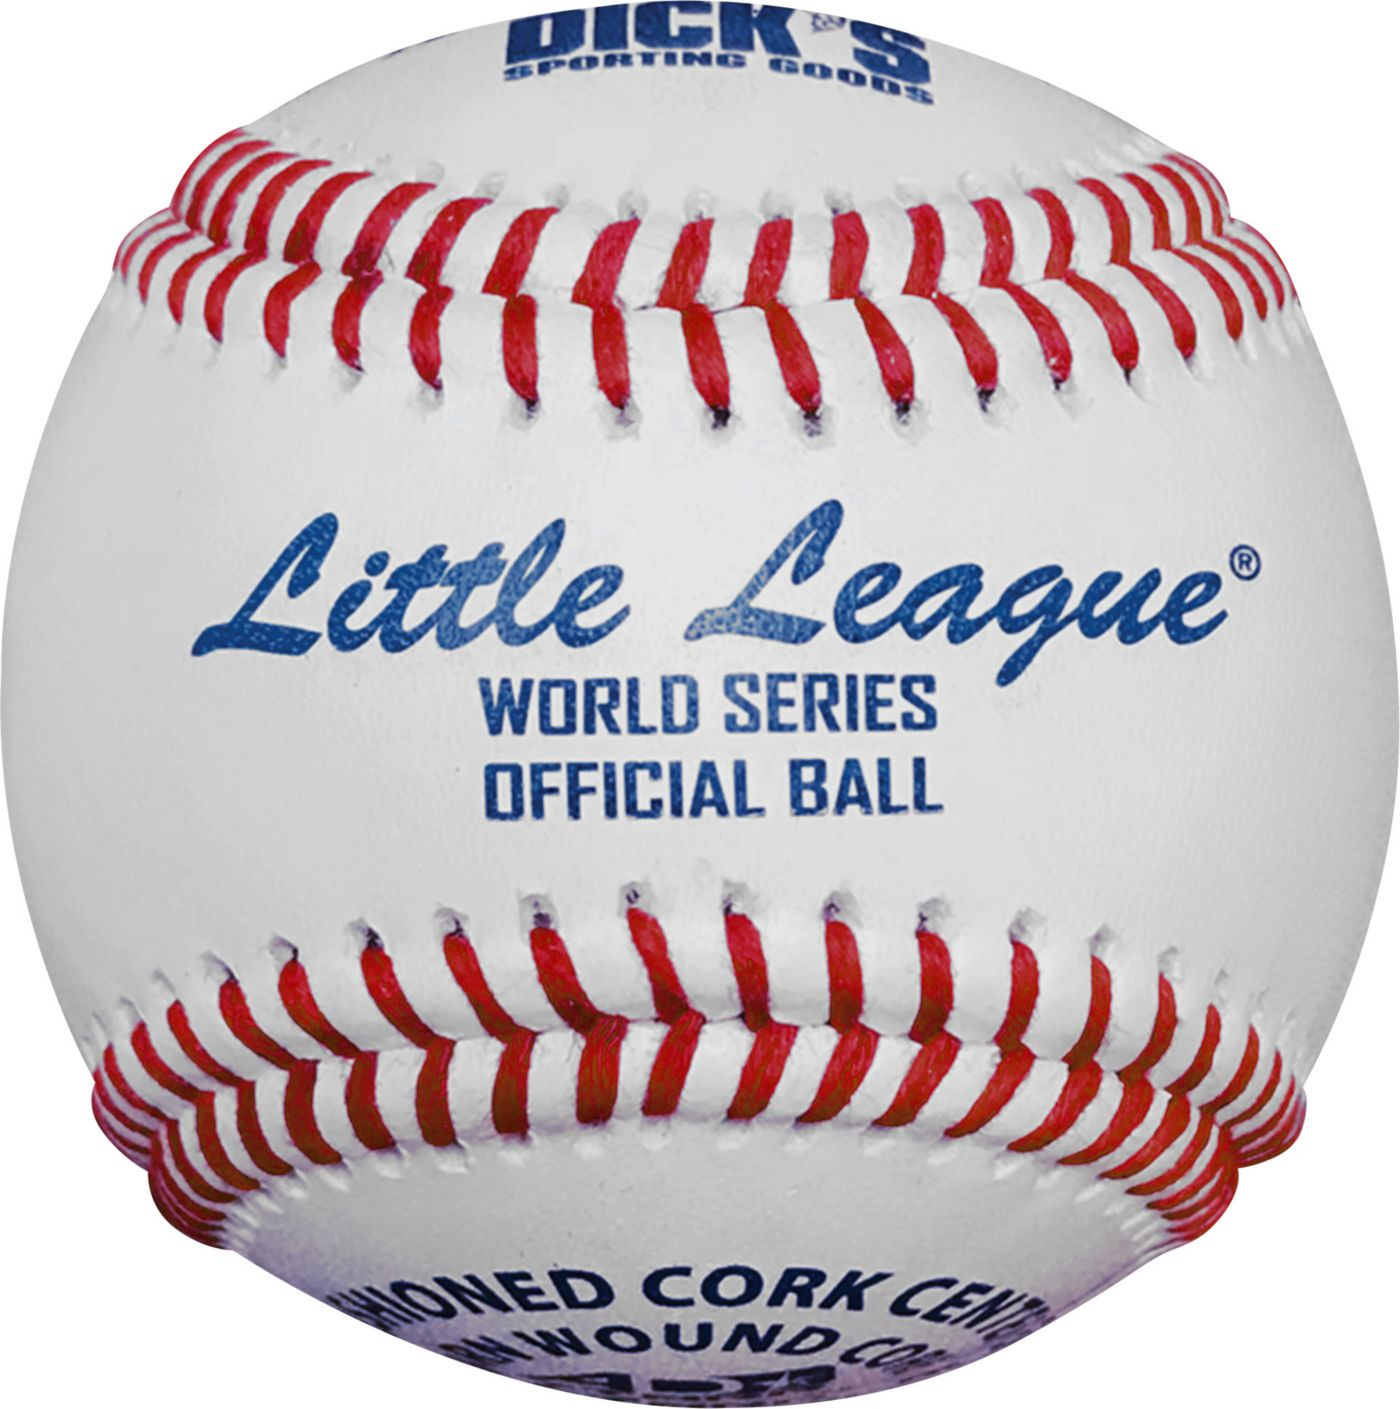 A.D. Starr Official League World Series Baseball